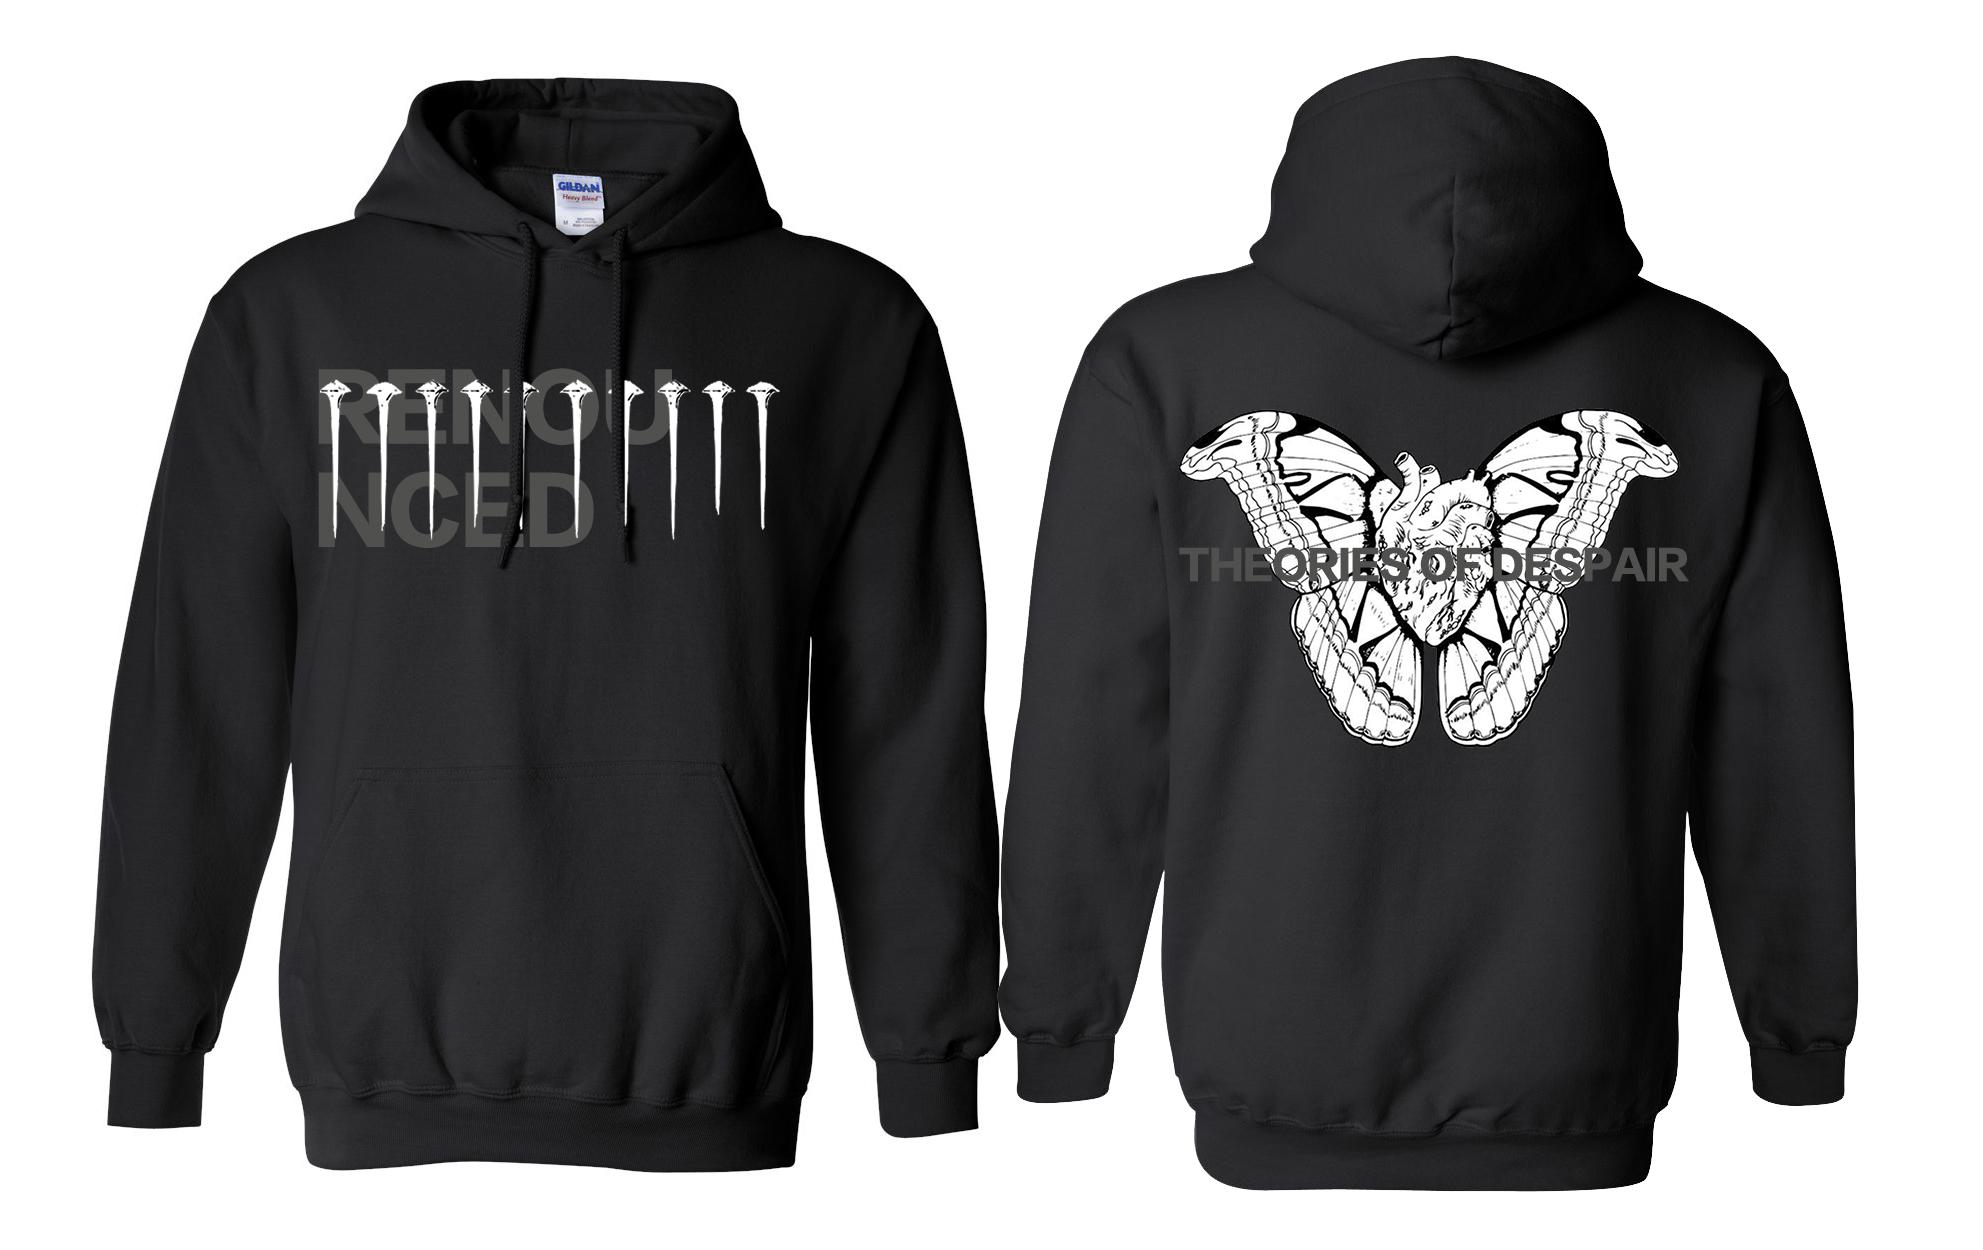 Renounced - Theories Of Despair hoodie